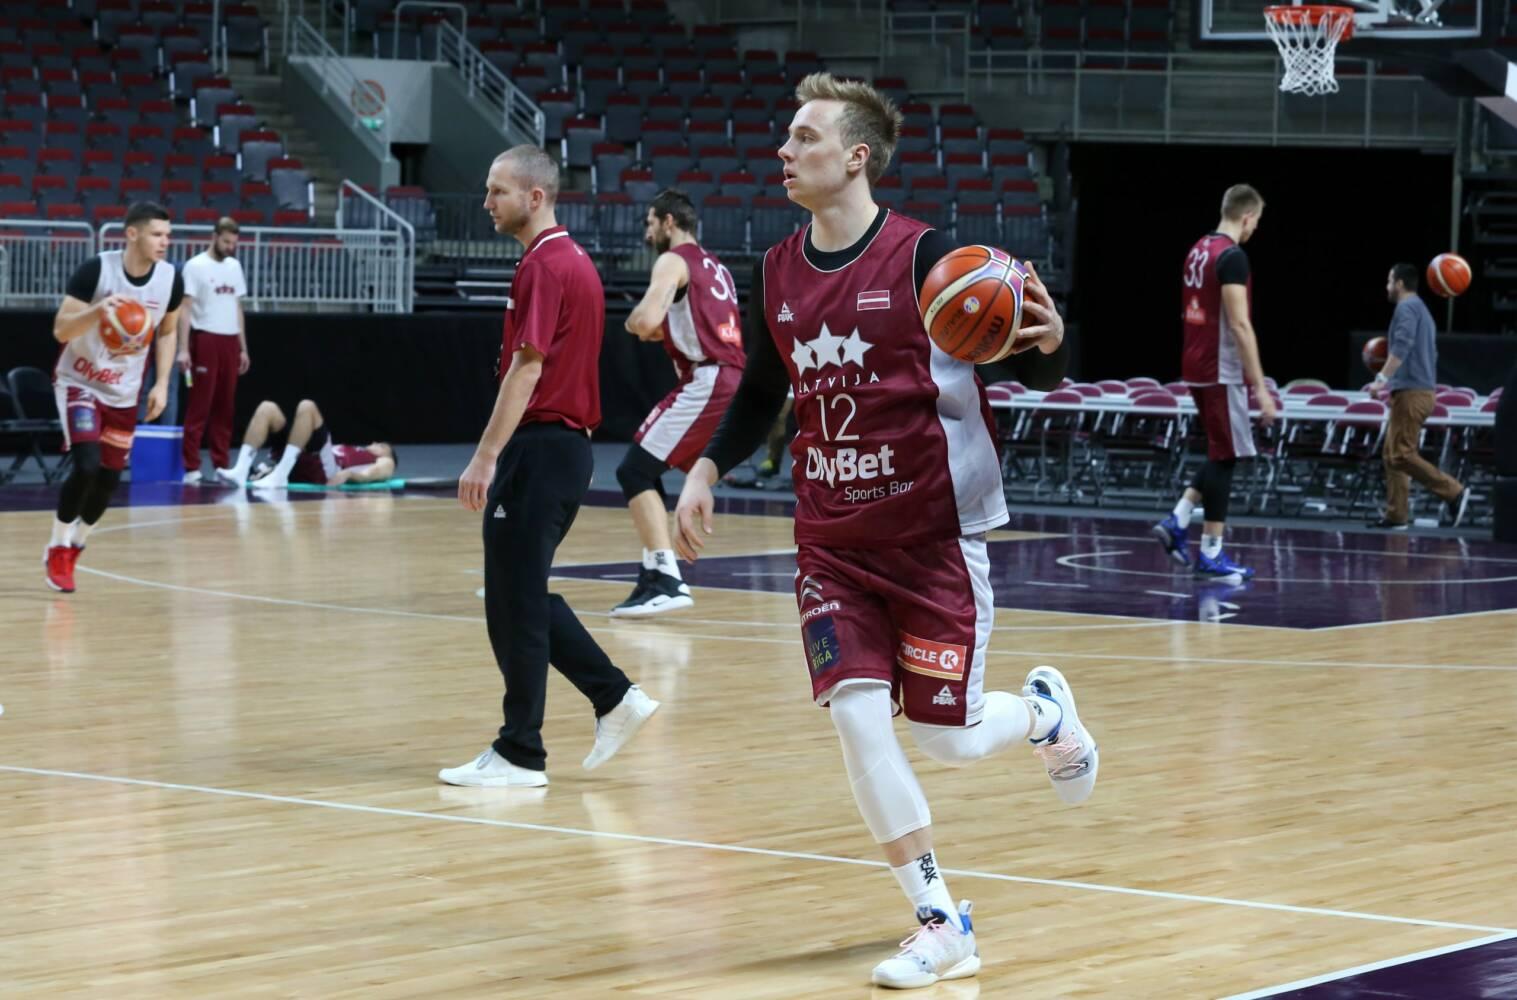 Artūrs Strautiņš, sportazinas.com